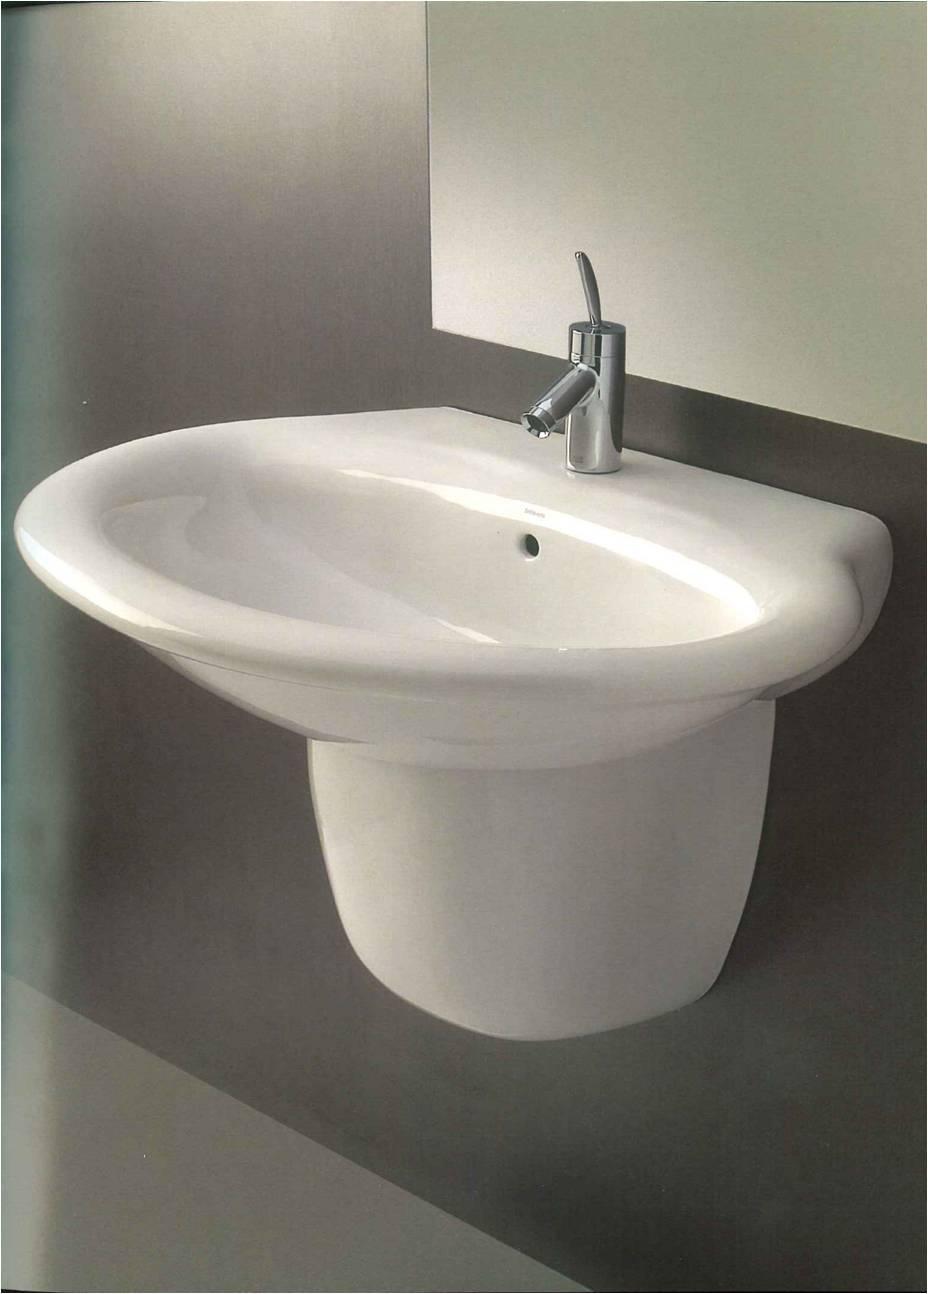 decoracao de interiores faca voce mesmo:lavatorio-de-casas-de-banho-lavatorio-com-meia-coluna-com-linhas